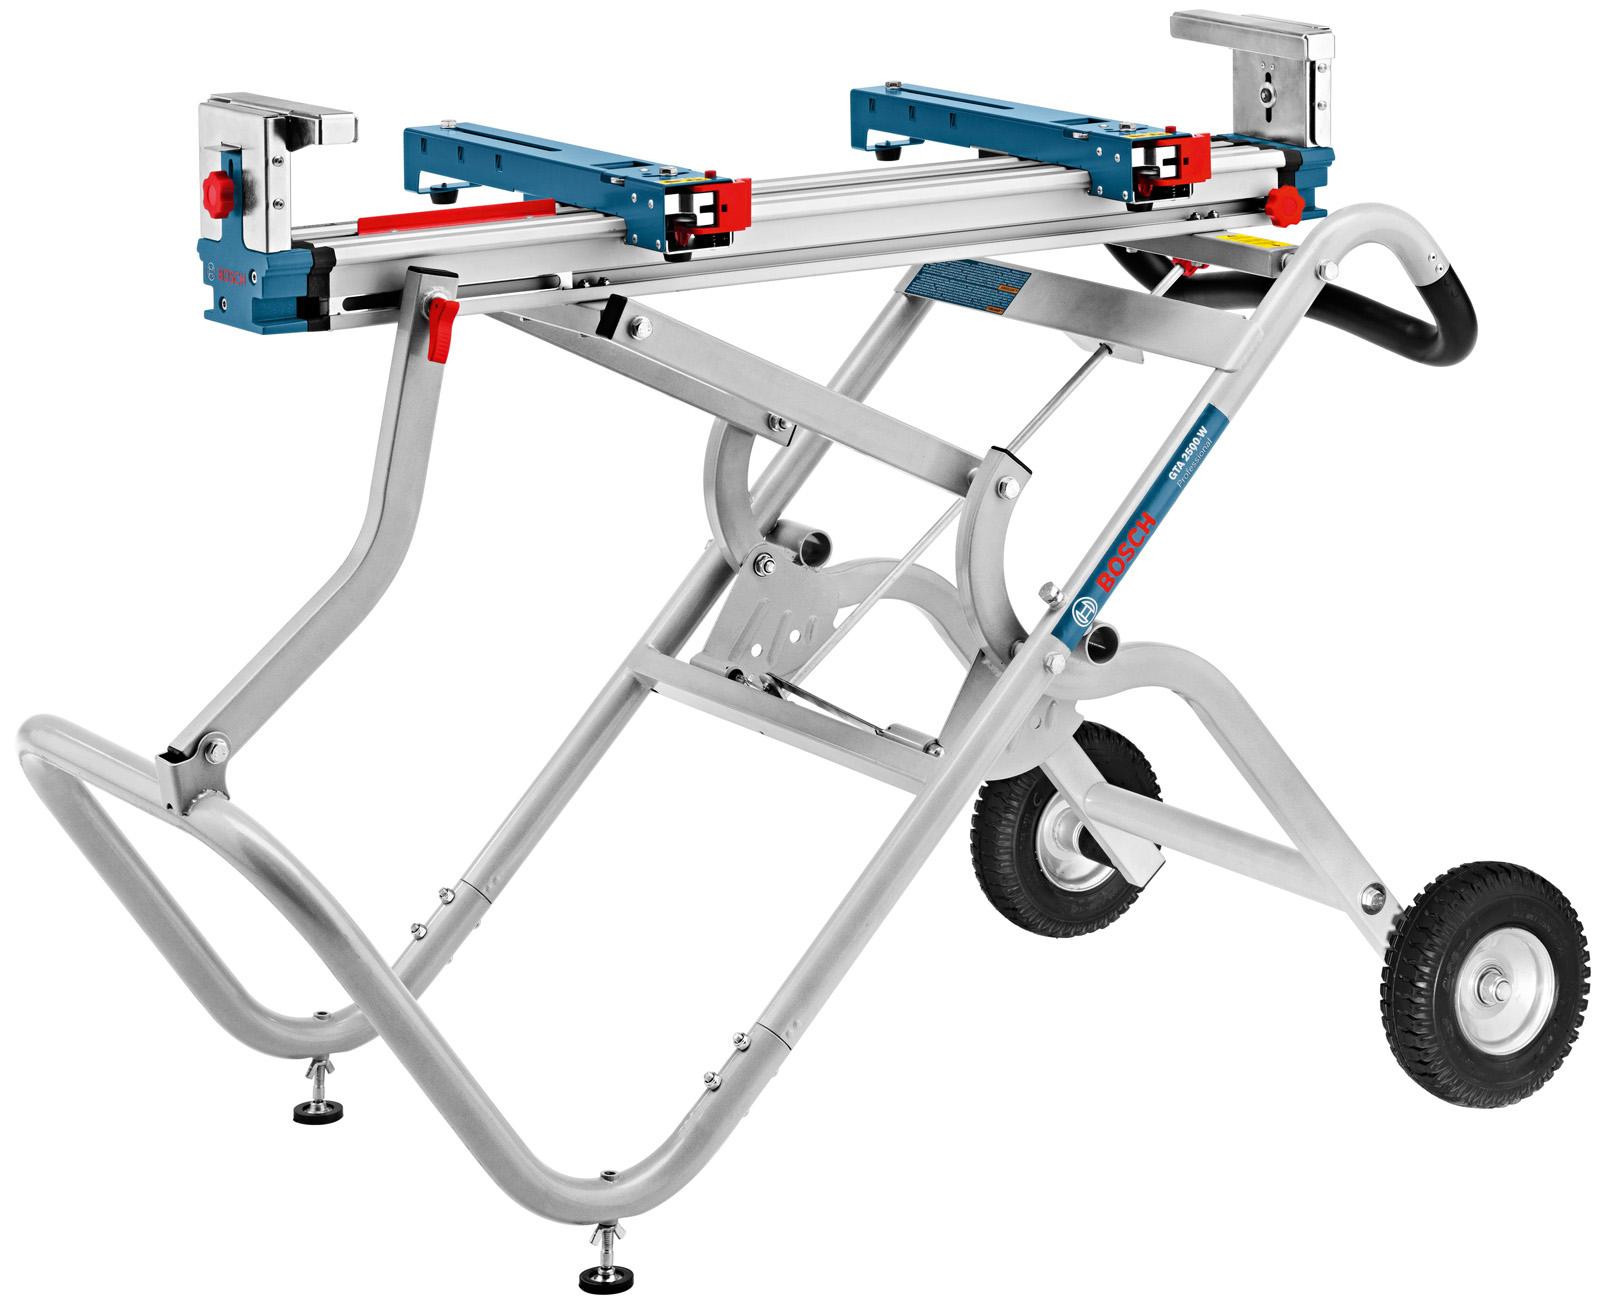 Купить со скидкой Стол для торцовочной пилы складной, передвижной Bosch Gta 2500 w  (0.601.b12.100)